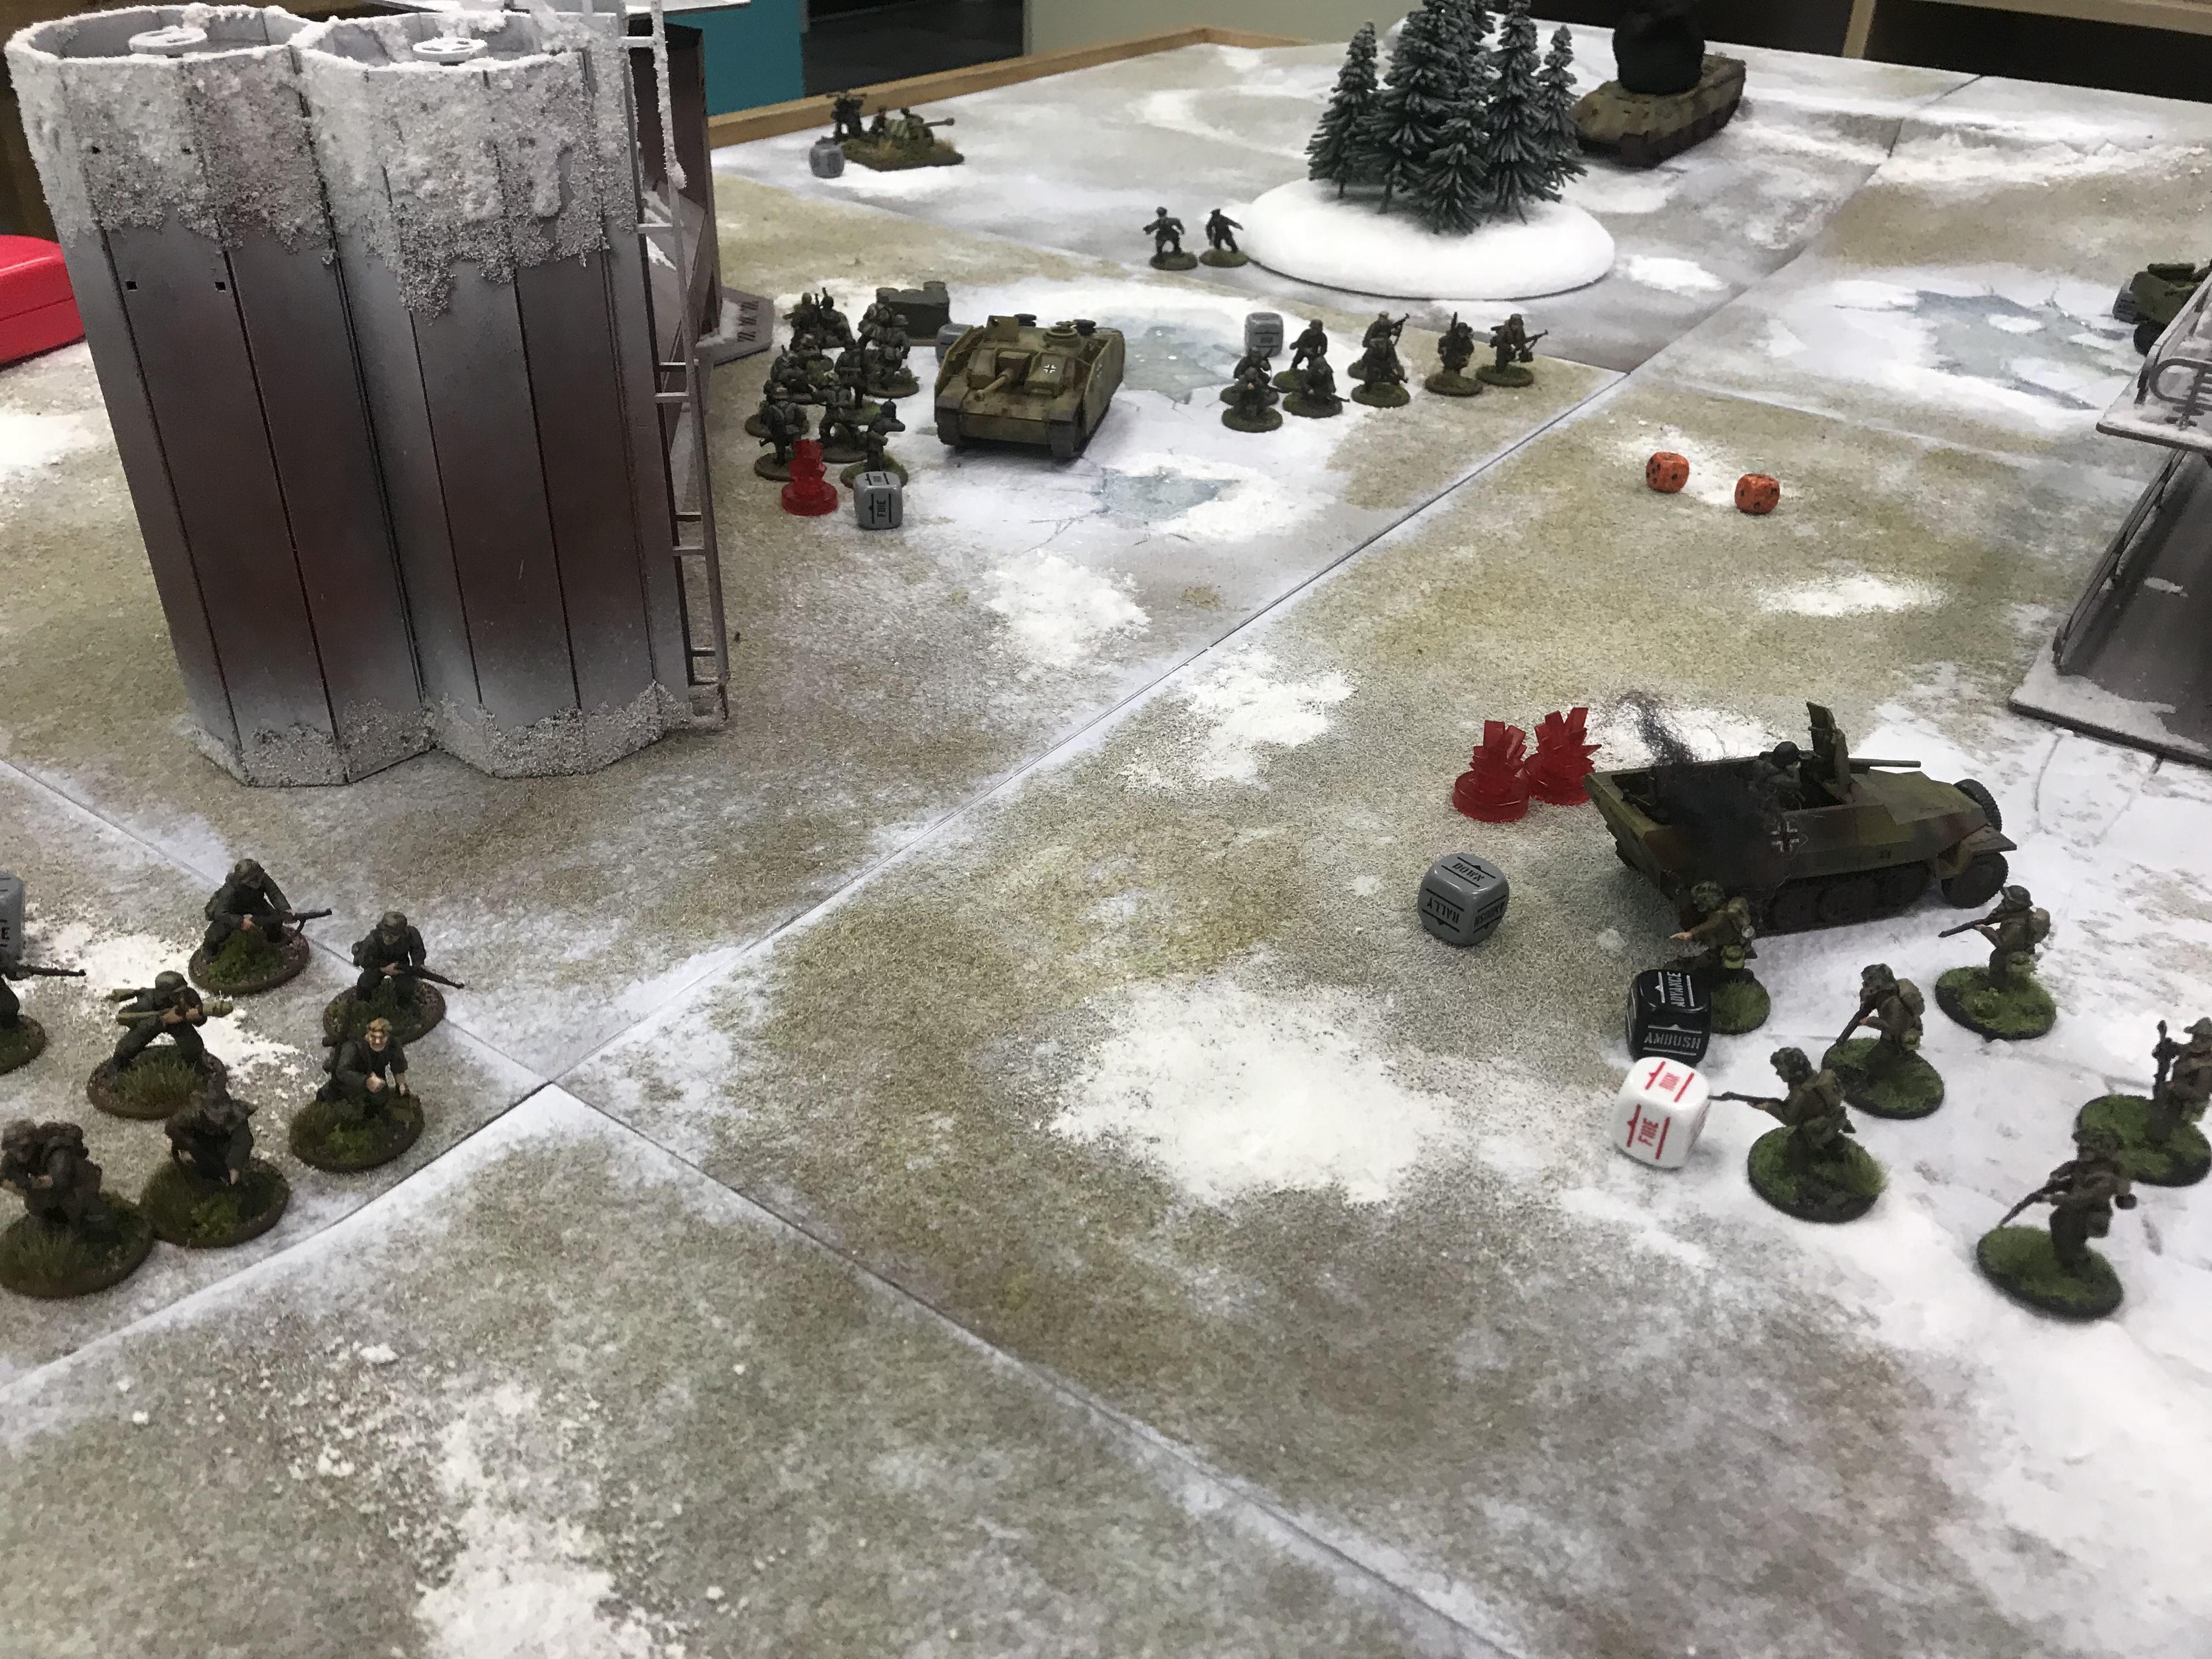 Heer Defenders versus Tea&Crumpets in a fierce infantry engagement